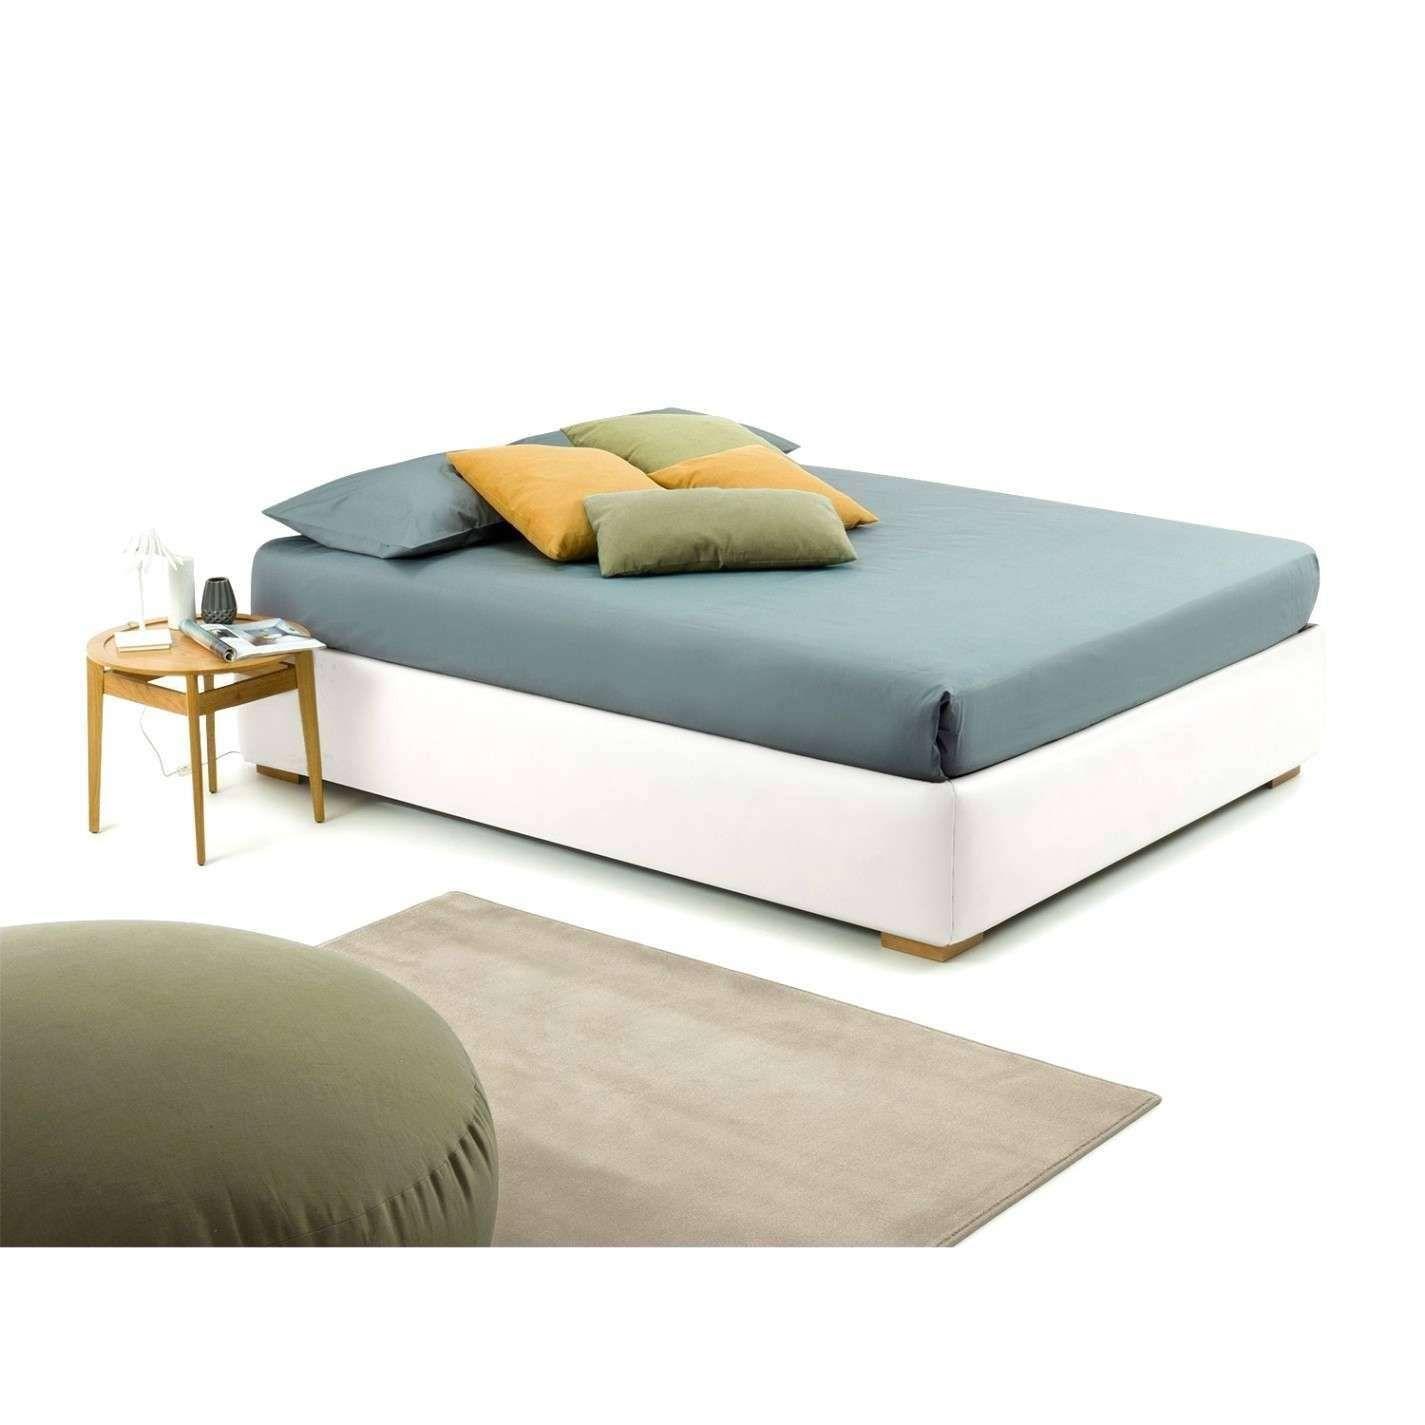 Kopfteil Bett 180 Cm Futonbett 120 200 Einzigartig Luxus Kopfteil Bett 140 Foto Bed Futon Home Decor